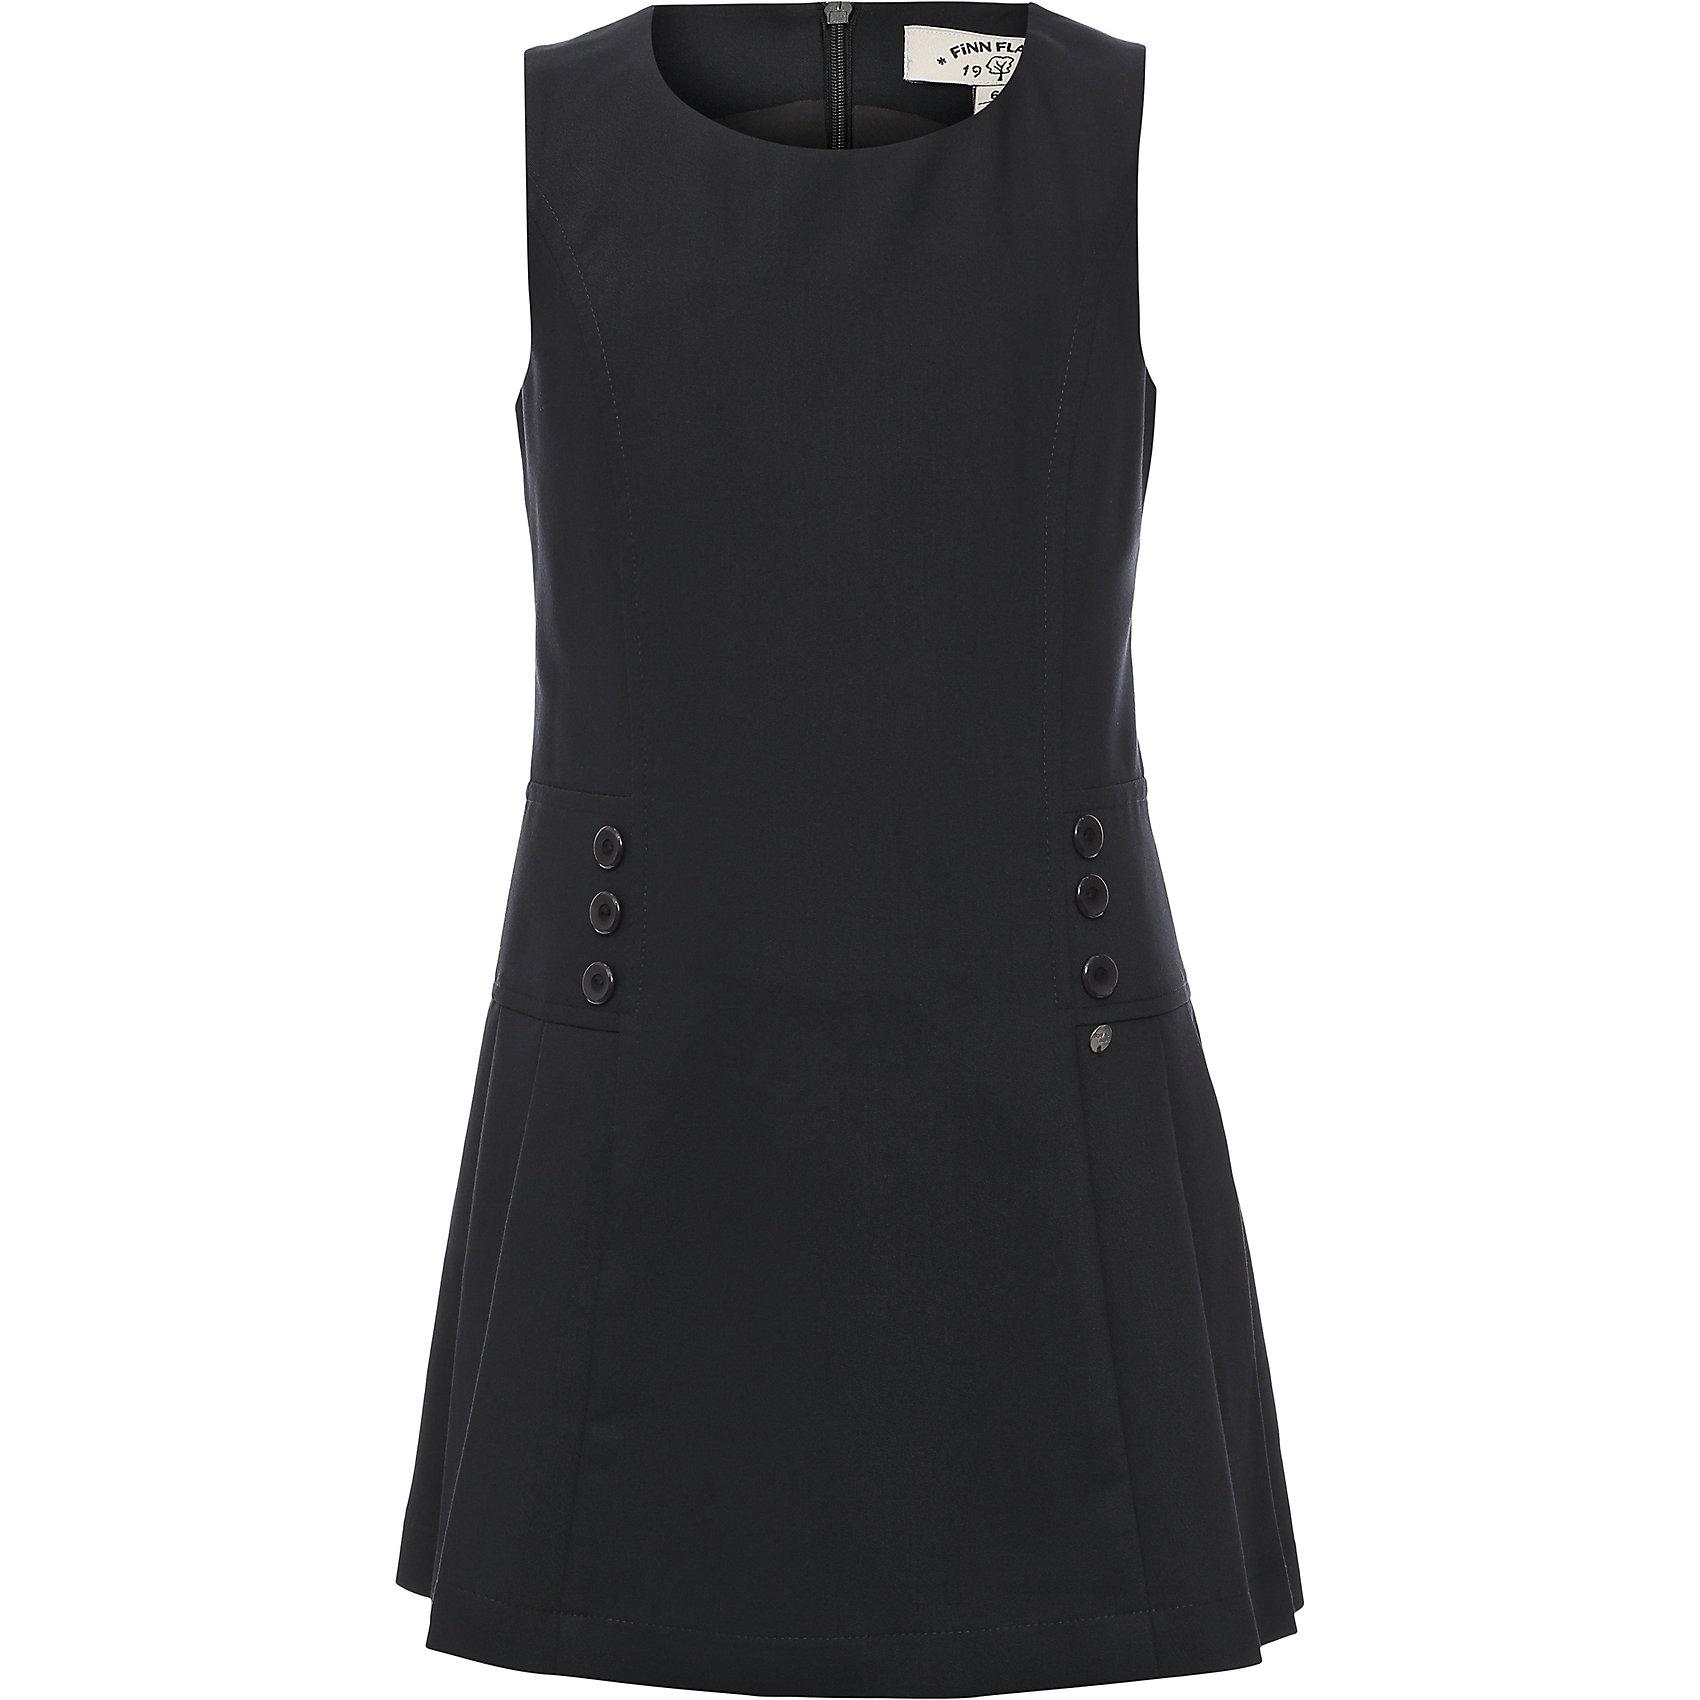 Платье для девочки Finn FlareПлатья и сарафаны<br>Платье для девочки известной марки Finn Flare.<br><br>Платье из разряда школьной формы для повседневной носки имеет приталенный силуэт, декорировано пуговицами по бокам, имеет горловину округлой формы. Сзади застегивается на молнию. Платье сочетается с блузками и джемперами.  <br><br>Фактура материала: Текстильный<br>Вид застежки: Молния<br>Длина рукава: Без рукавов<br>Тип карманов: Без карманов<br><br>Состав: 65% полиэстер, 33% вискоза, 2% эластан <br>Подкладка: 100% полиэстер<br><br>Платье для девочки Finn Flare можно купить в нашем интернет-магазине.<br><br>Ширина мм: 236<br>Глубина мм: 16<br>Высота мм: 184<br>Вес г: 177<br>Цвет: синий<br>Возраст от месяцев: 60<br>Возраст до месяцев: 72<br>Пол: Женский<br>Возраст: Детский<br>Размер: 116,158,122,128,134,140,146,152<br>SKU: 4890212